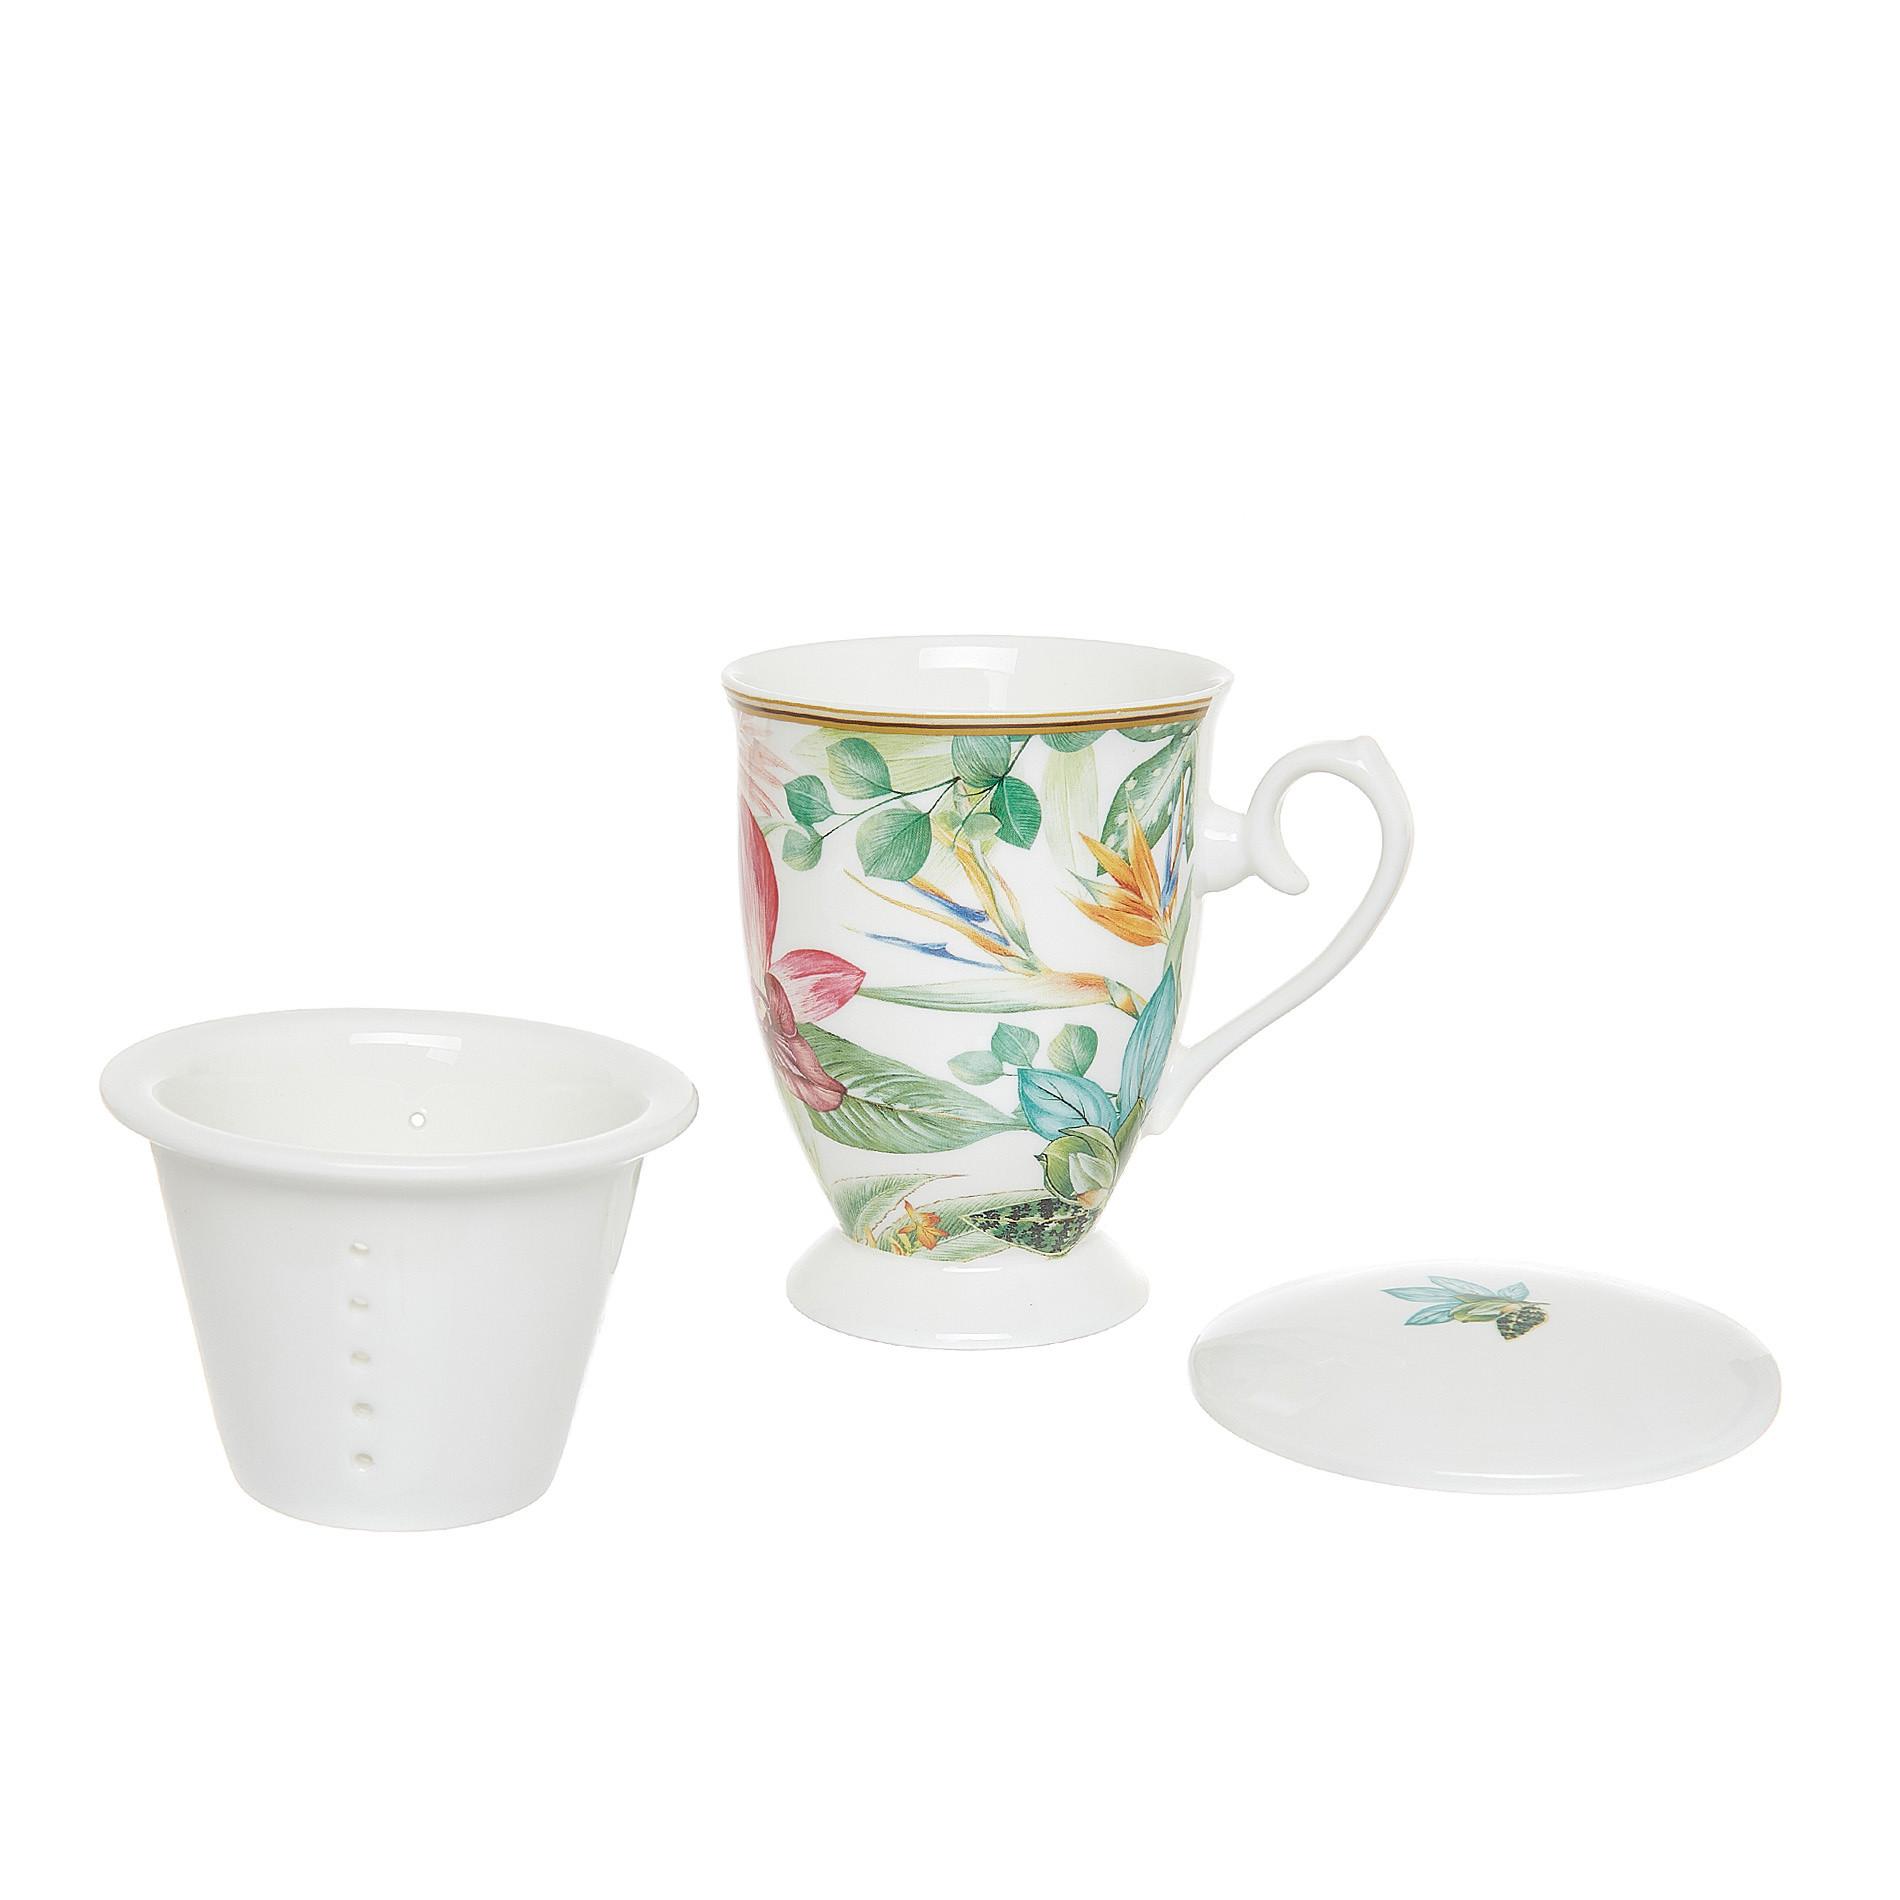 Tisaniera new bone china decoro amazzonia, Multicolor, large image number 1